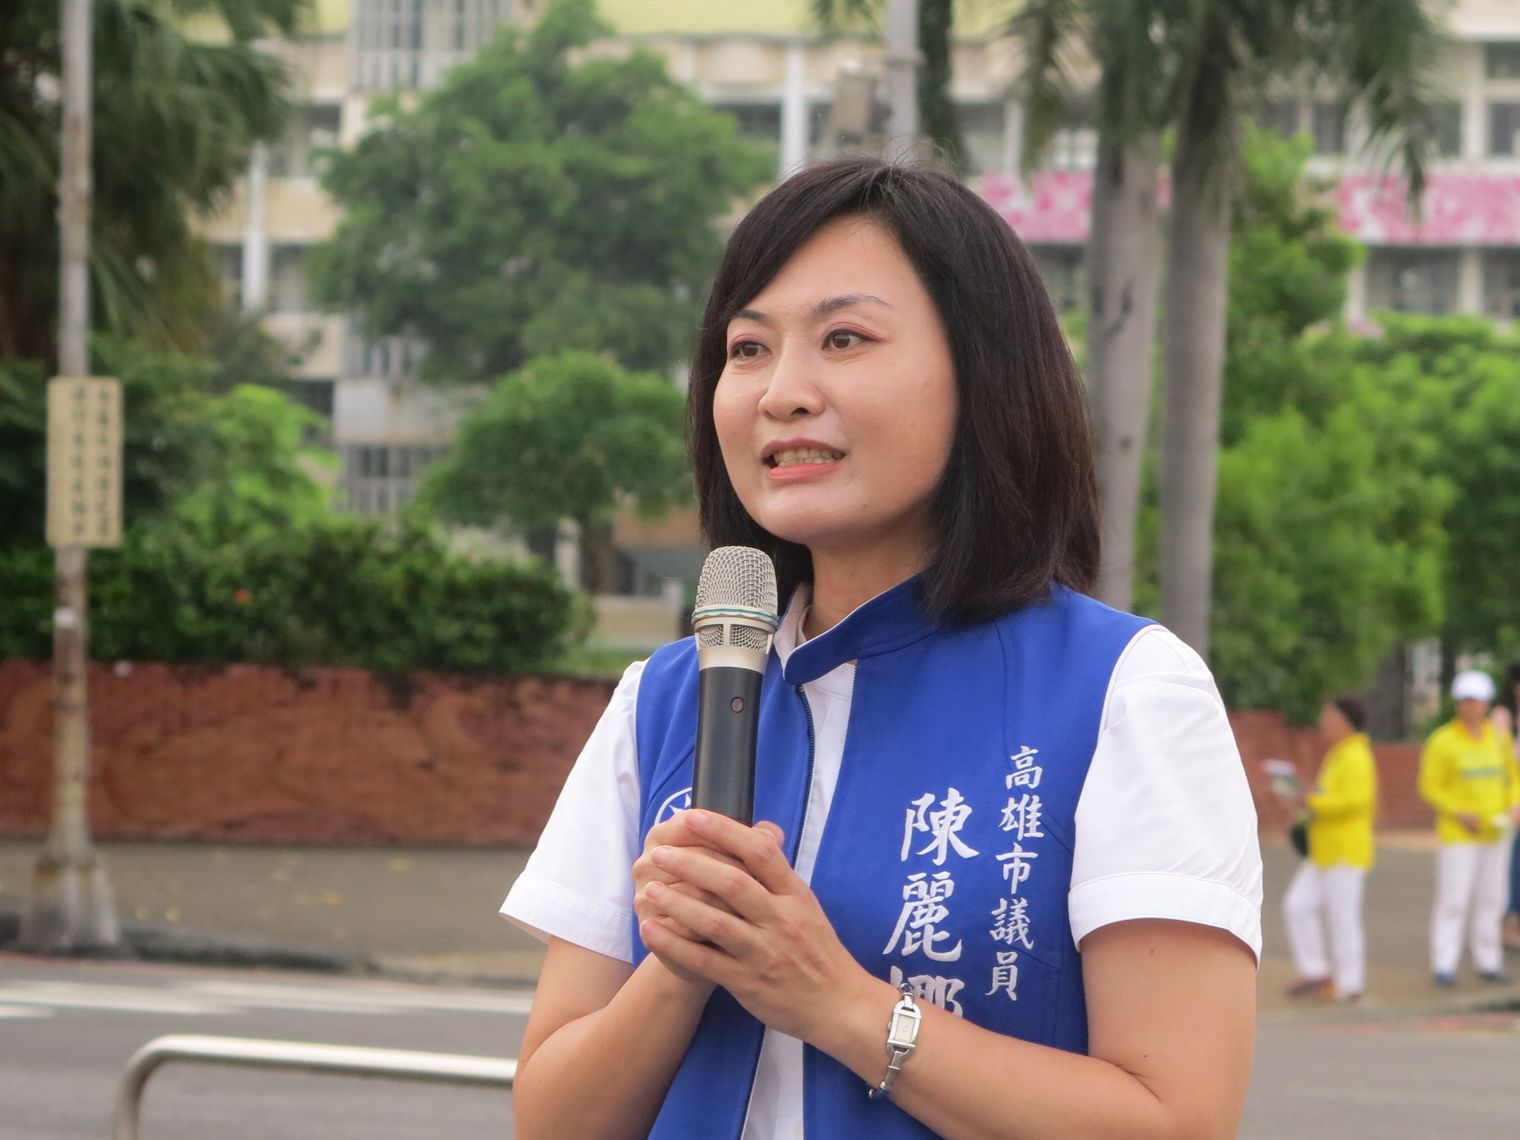 高雄市議員陳麗娜表示,生活在自由台灣的我們,對於中共迫害法輪功信仰人權,應該予以譴責、制止。(李晴玳/大紀元)